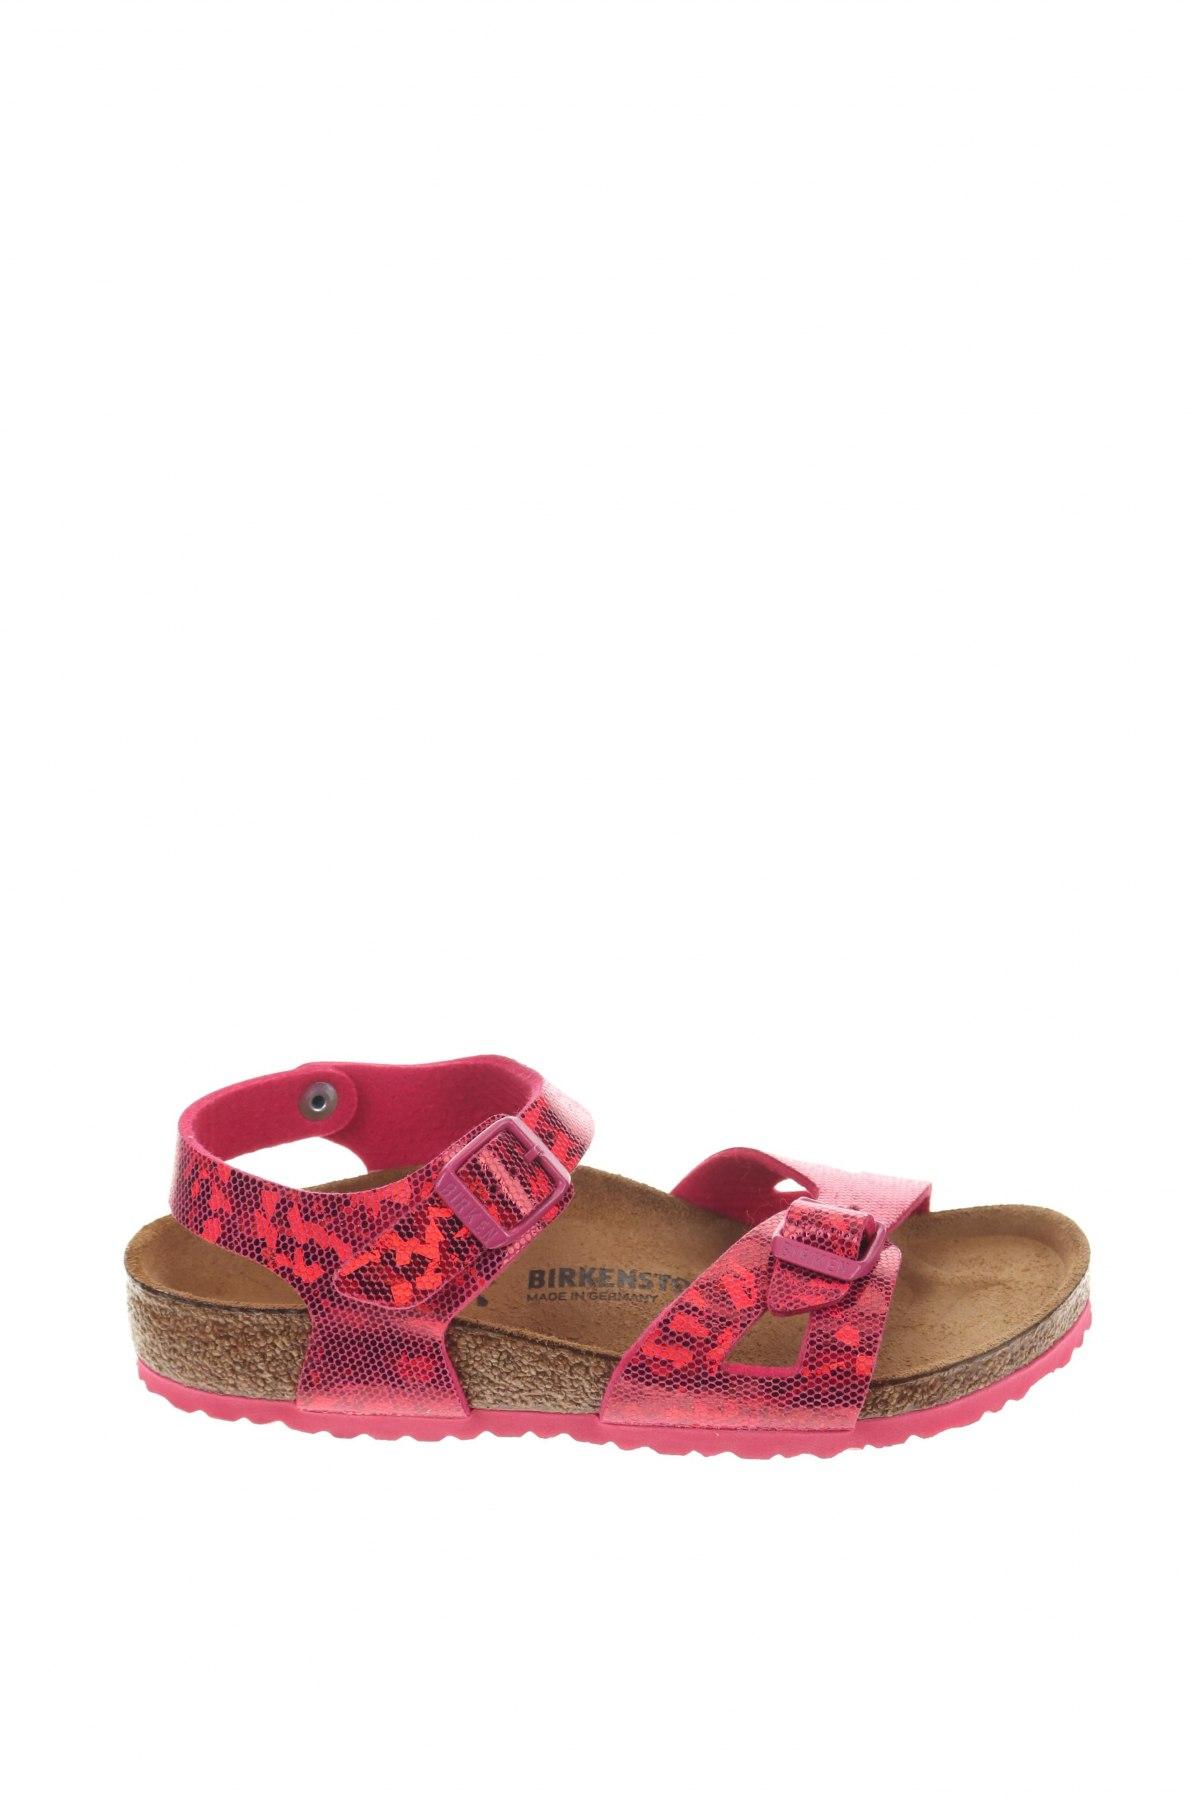 Παιδικά σανδάλια Birkenstock, Μέγεθος 31, Χρώμα Ρόζ , Δερματίνη, Τιμή 38,64€